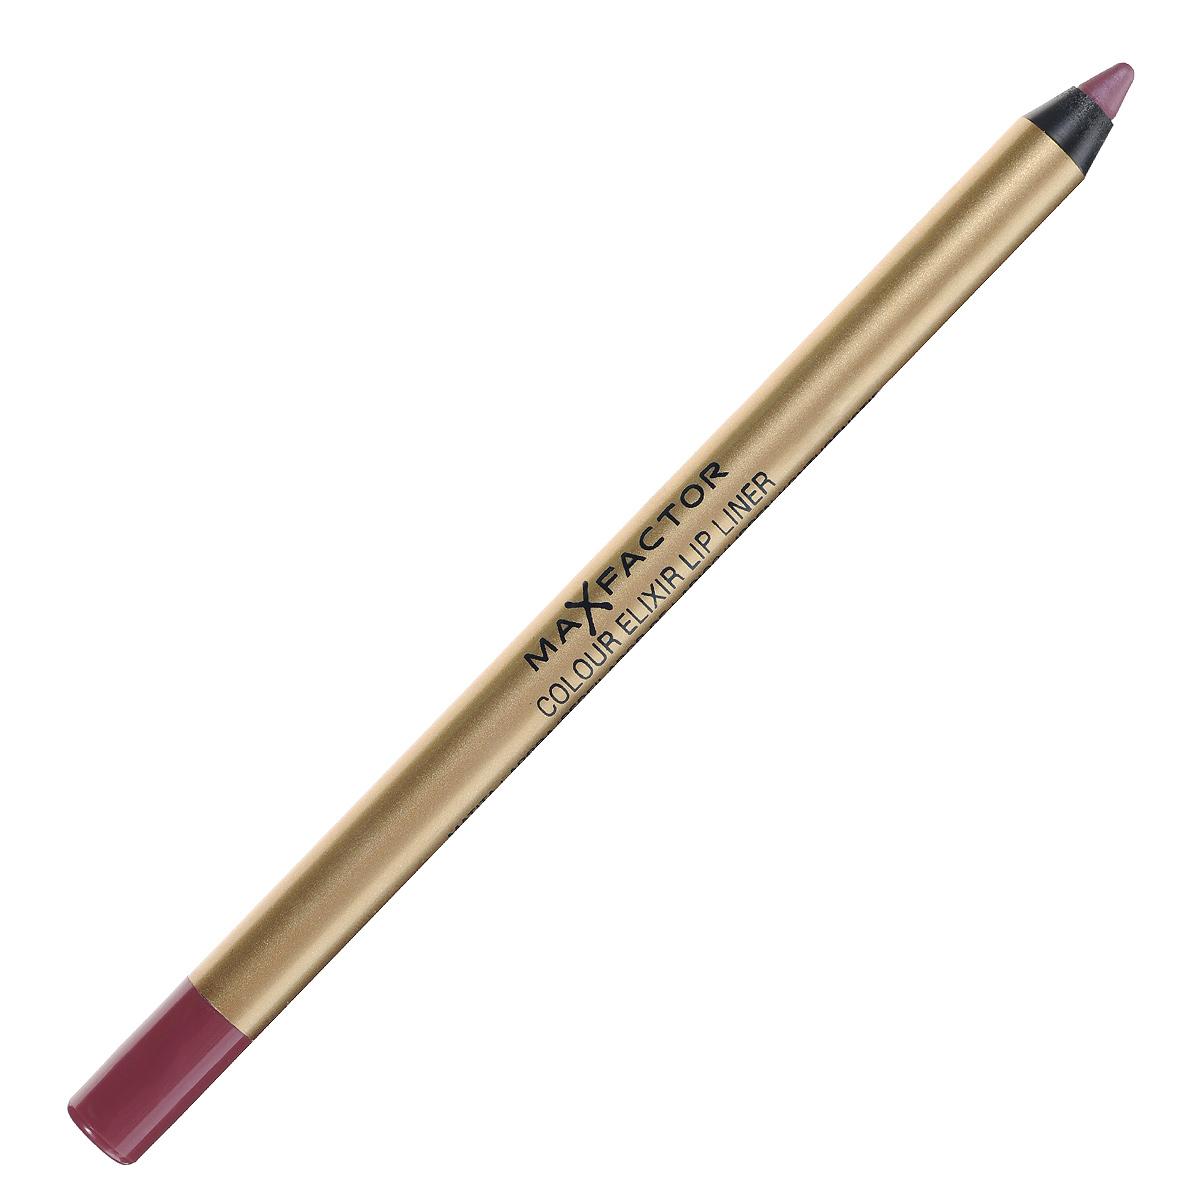 Max Factor Карандаш для губ Colour Elixir Lip Liner, тон №04 pink princess, цвет: розовый карандаш для бровей max factor 001 цвет черный